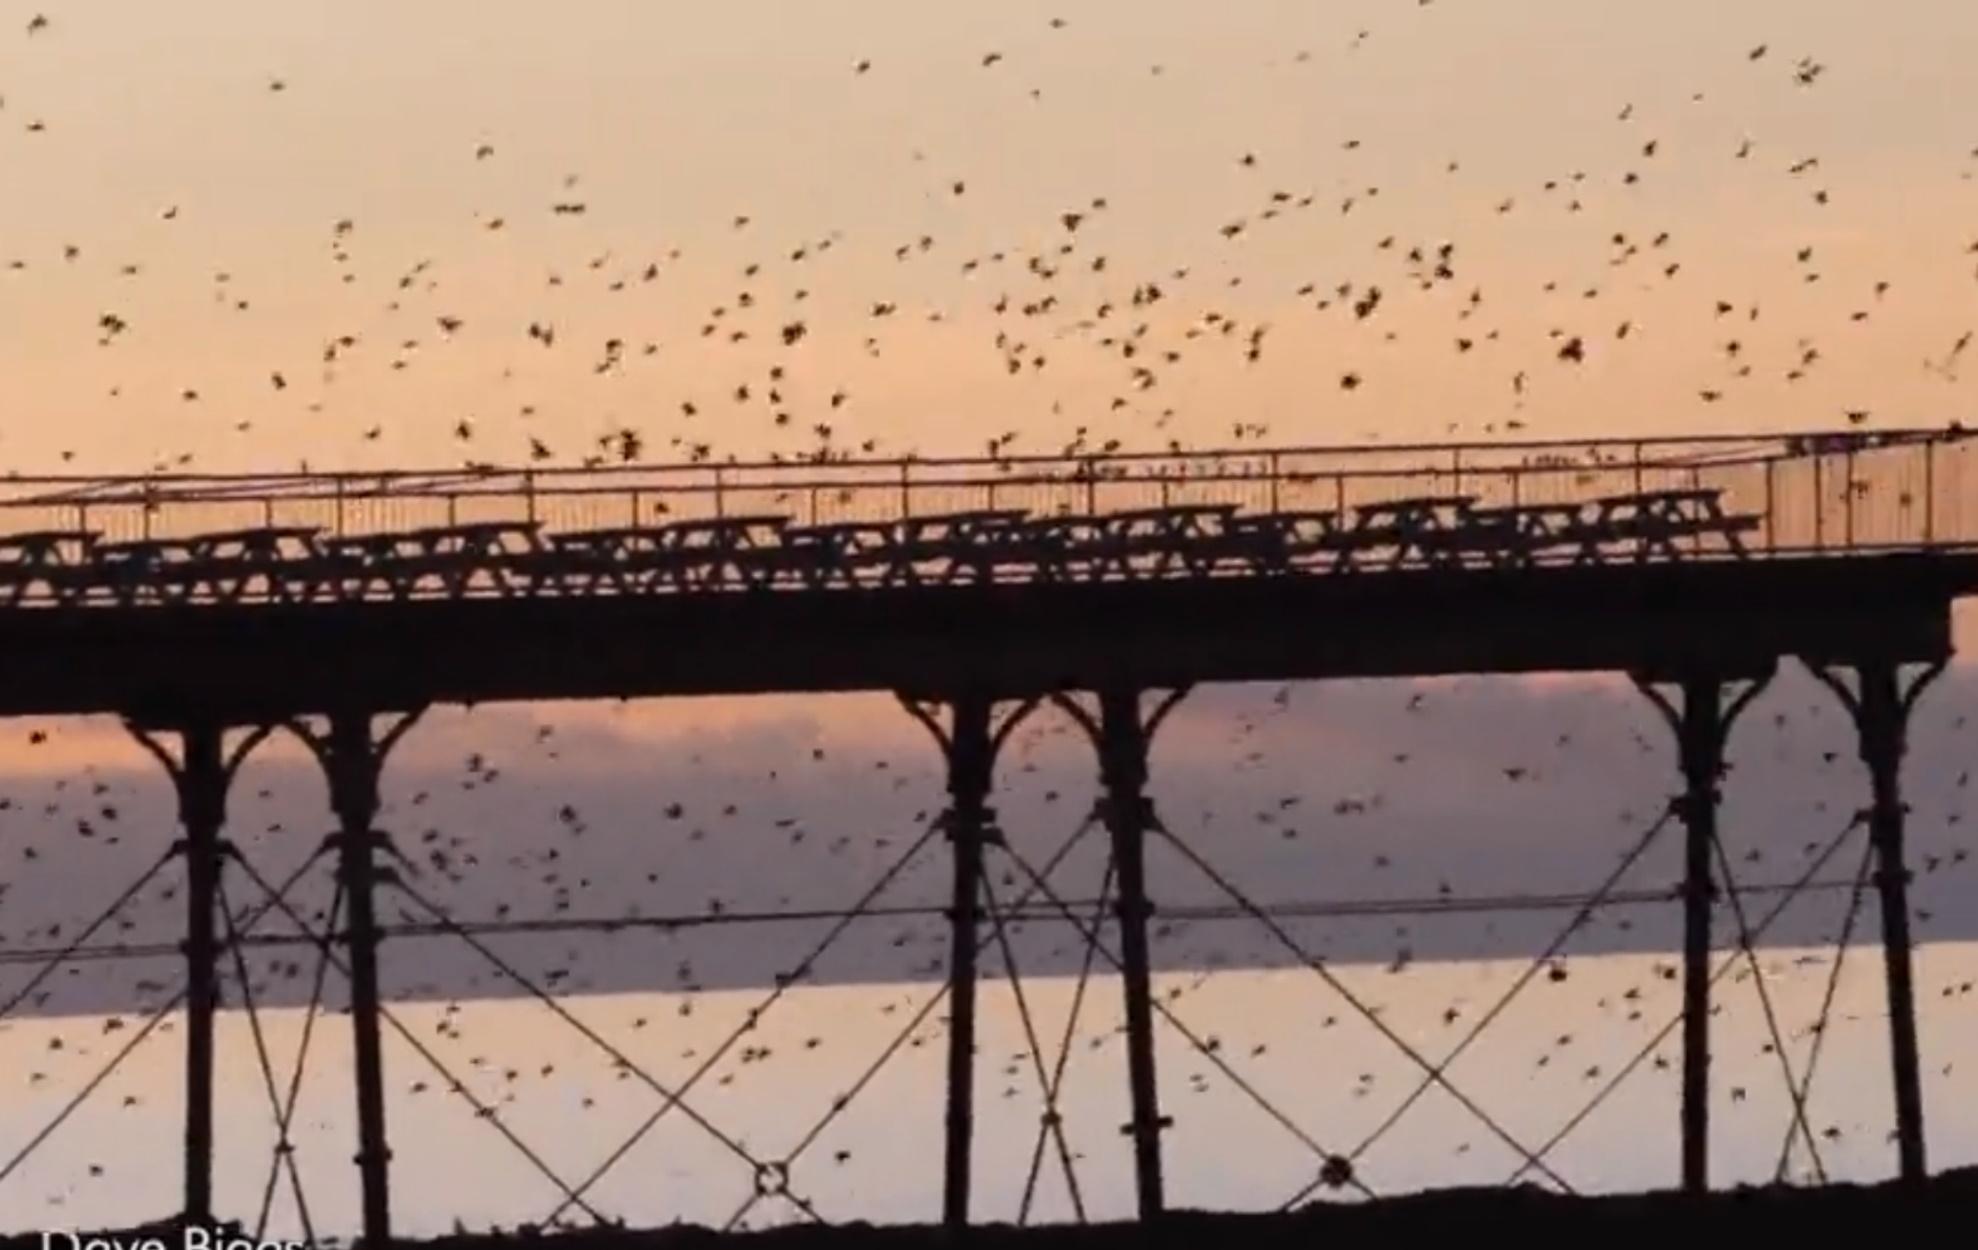 Σμήνος πουλιών… ζωγραφίζει τον ουρανό της Ουαλίας!